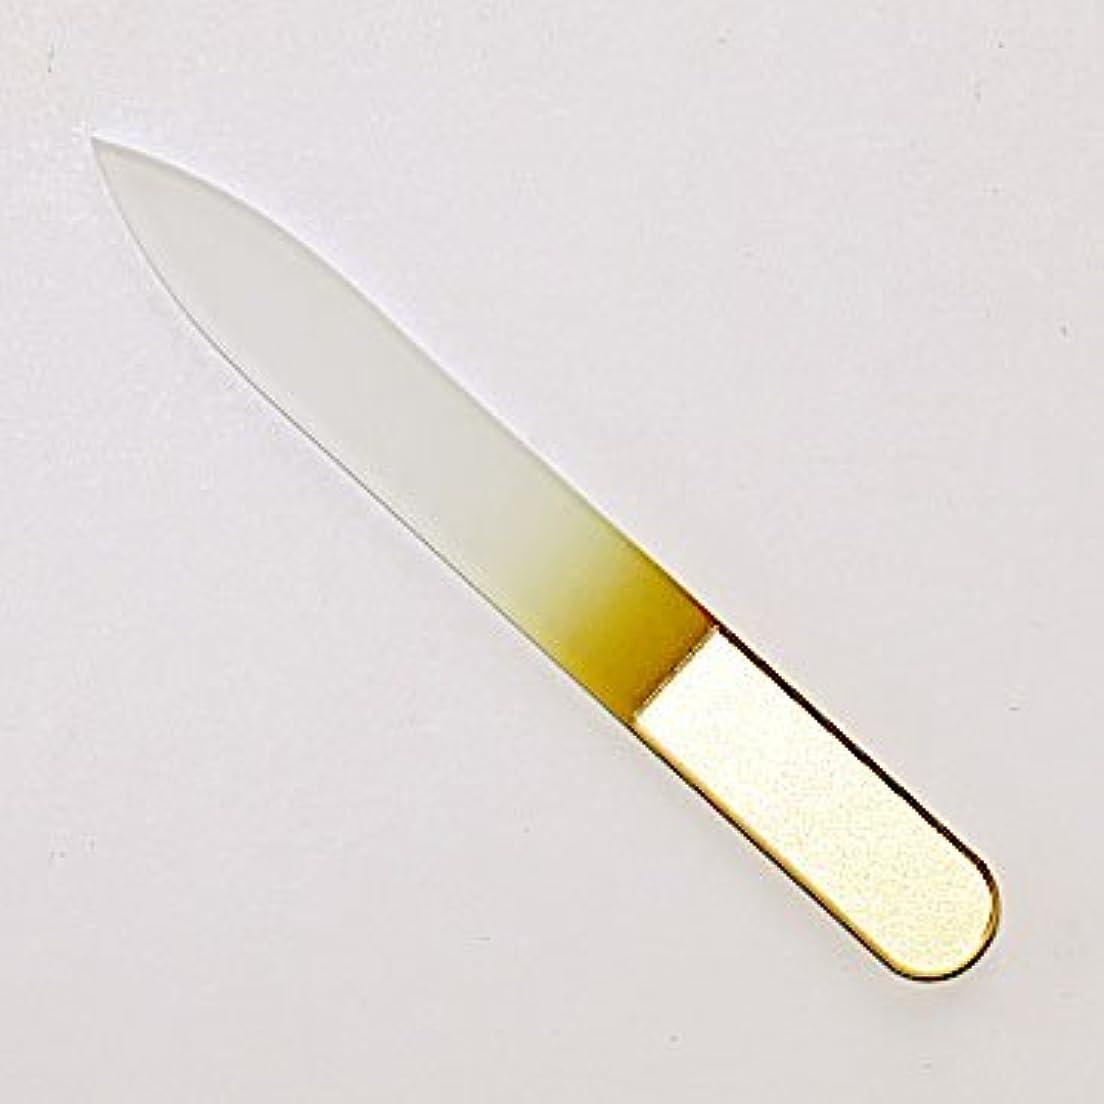 眠いです袋必要としているチェコ製 AXiON(アクシオン)ガラス製爪ヤスリ(ゴールド)両面タイプ #slg009614fba